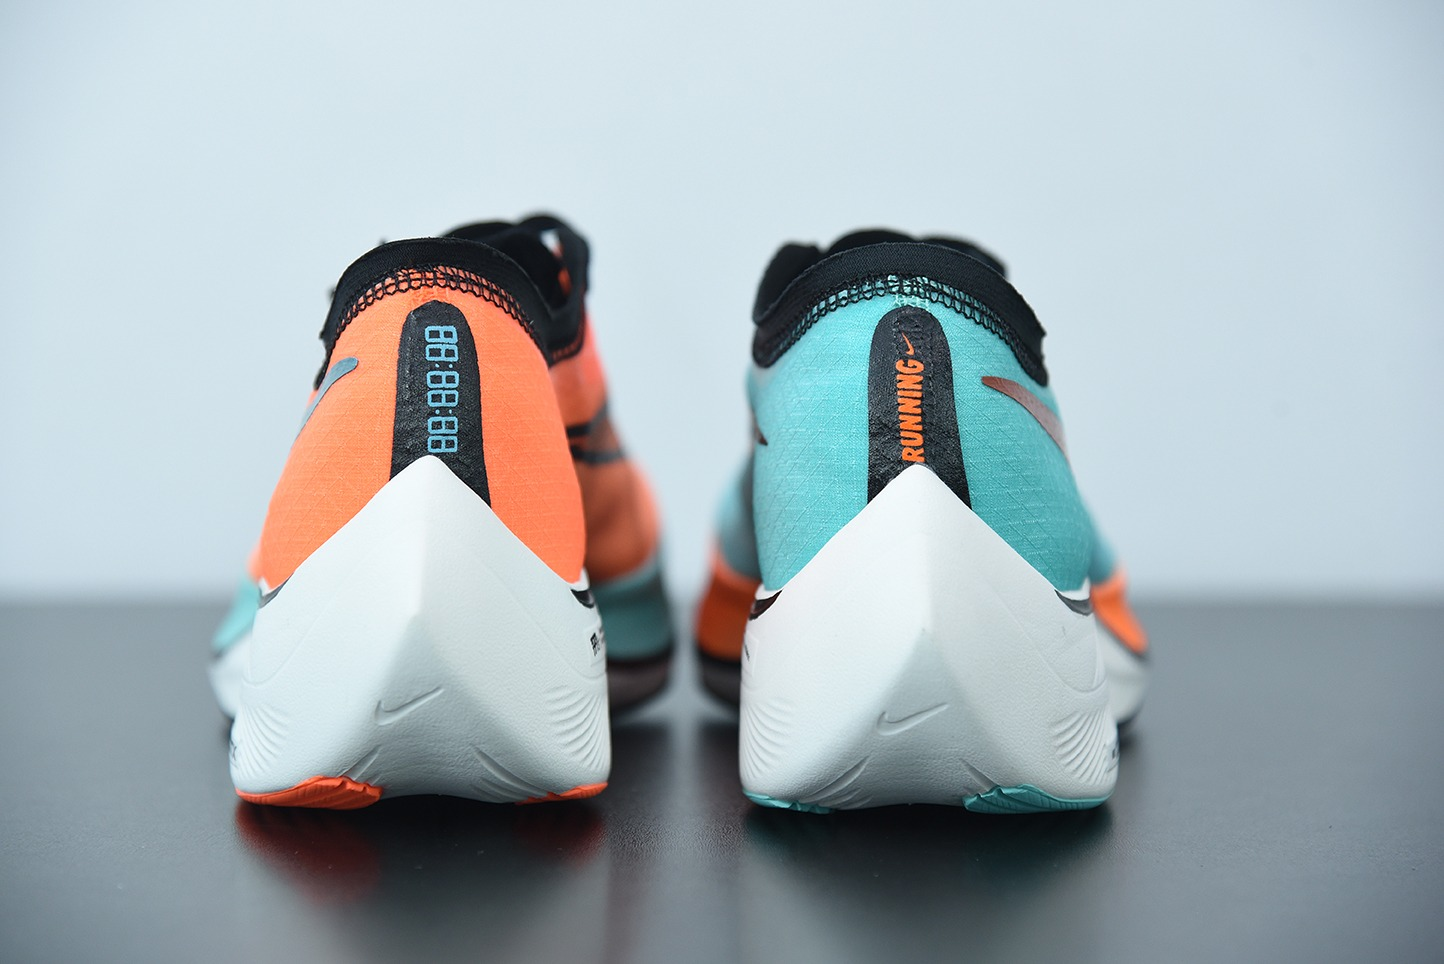 耐克 Nike Zoom X Vaporfly Next% 马拉松蓝橙鸳鸯半透明网纱疾速跑鞋纯原版本 货号:CD4553-300